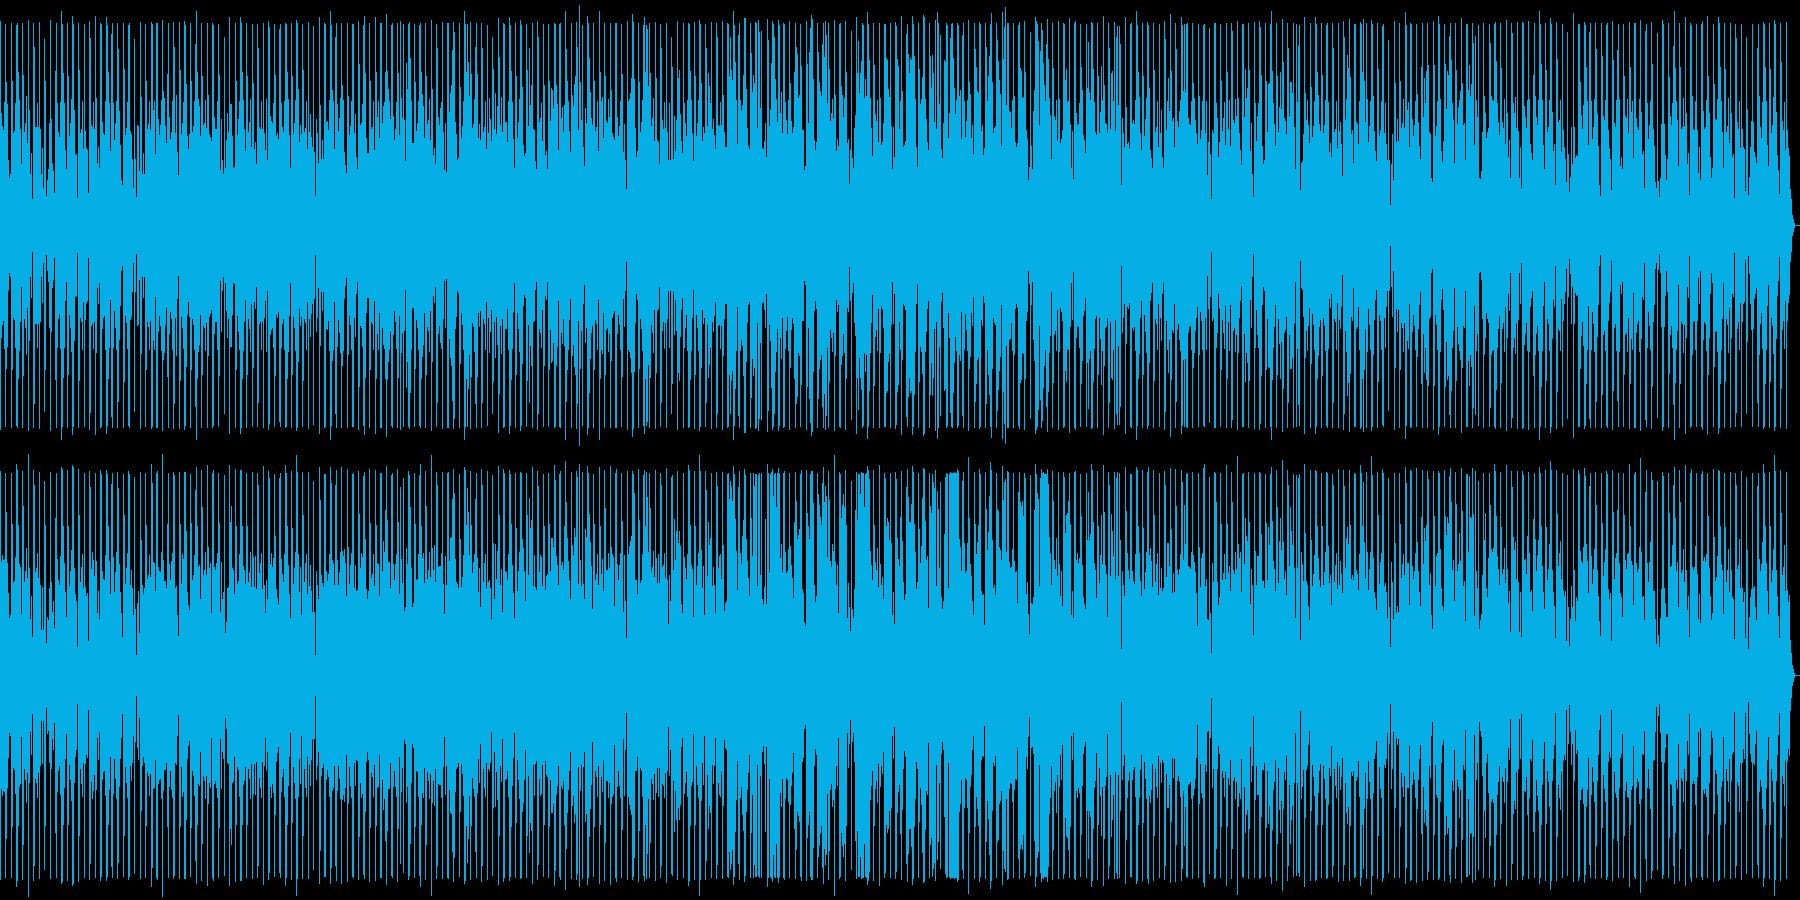 ノリの良い明るめのダンスミュージックの再生済みの波形